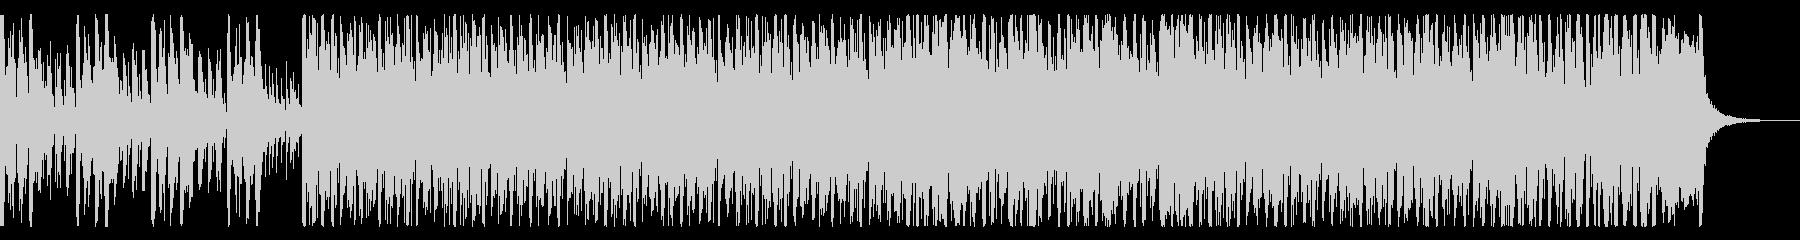 ノリノリで盛り上がりのあるジャズサンバの未再生の波形